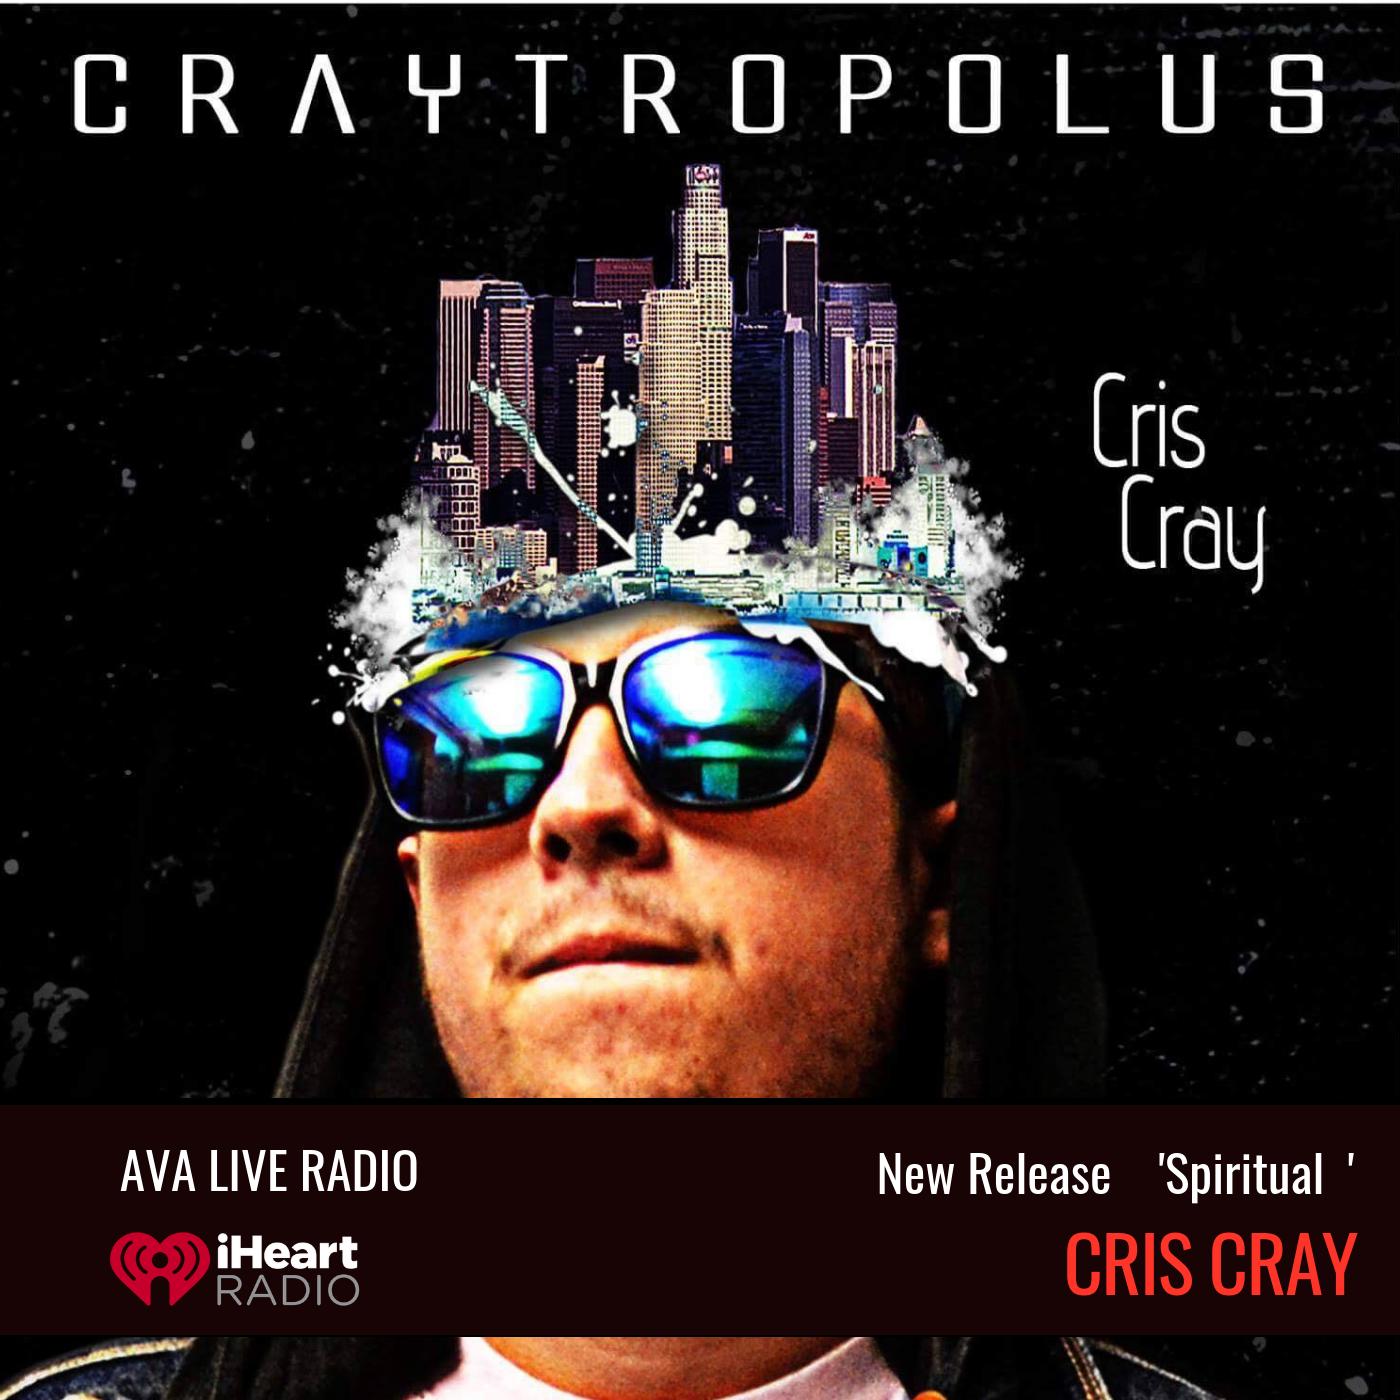 Cris Cray avaliveradio.png